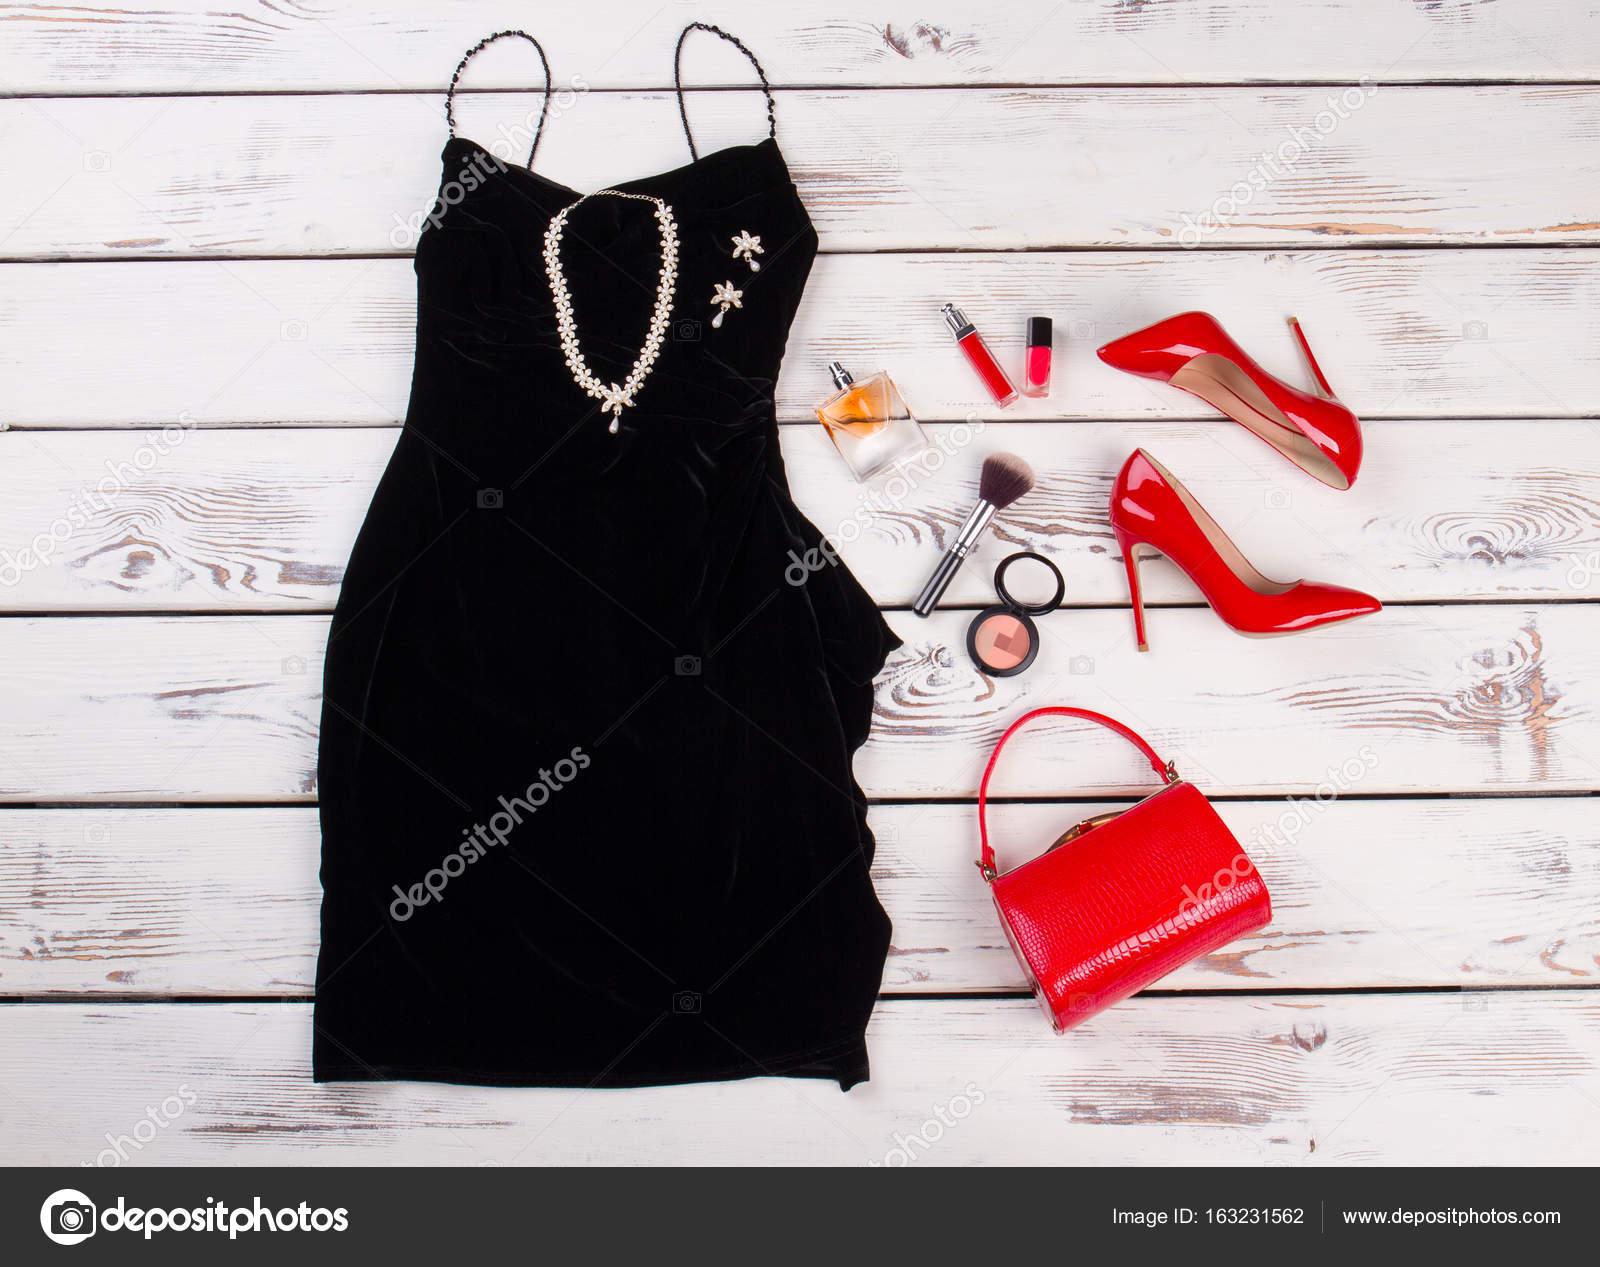 2e33cdb1bac9 Černé šaty a módní doplňky — Stock Fotografie © margostock  163231562